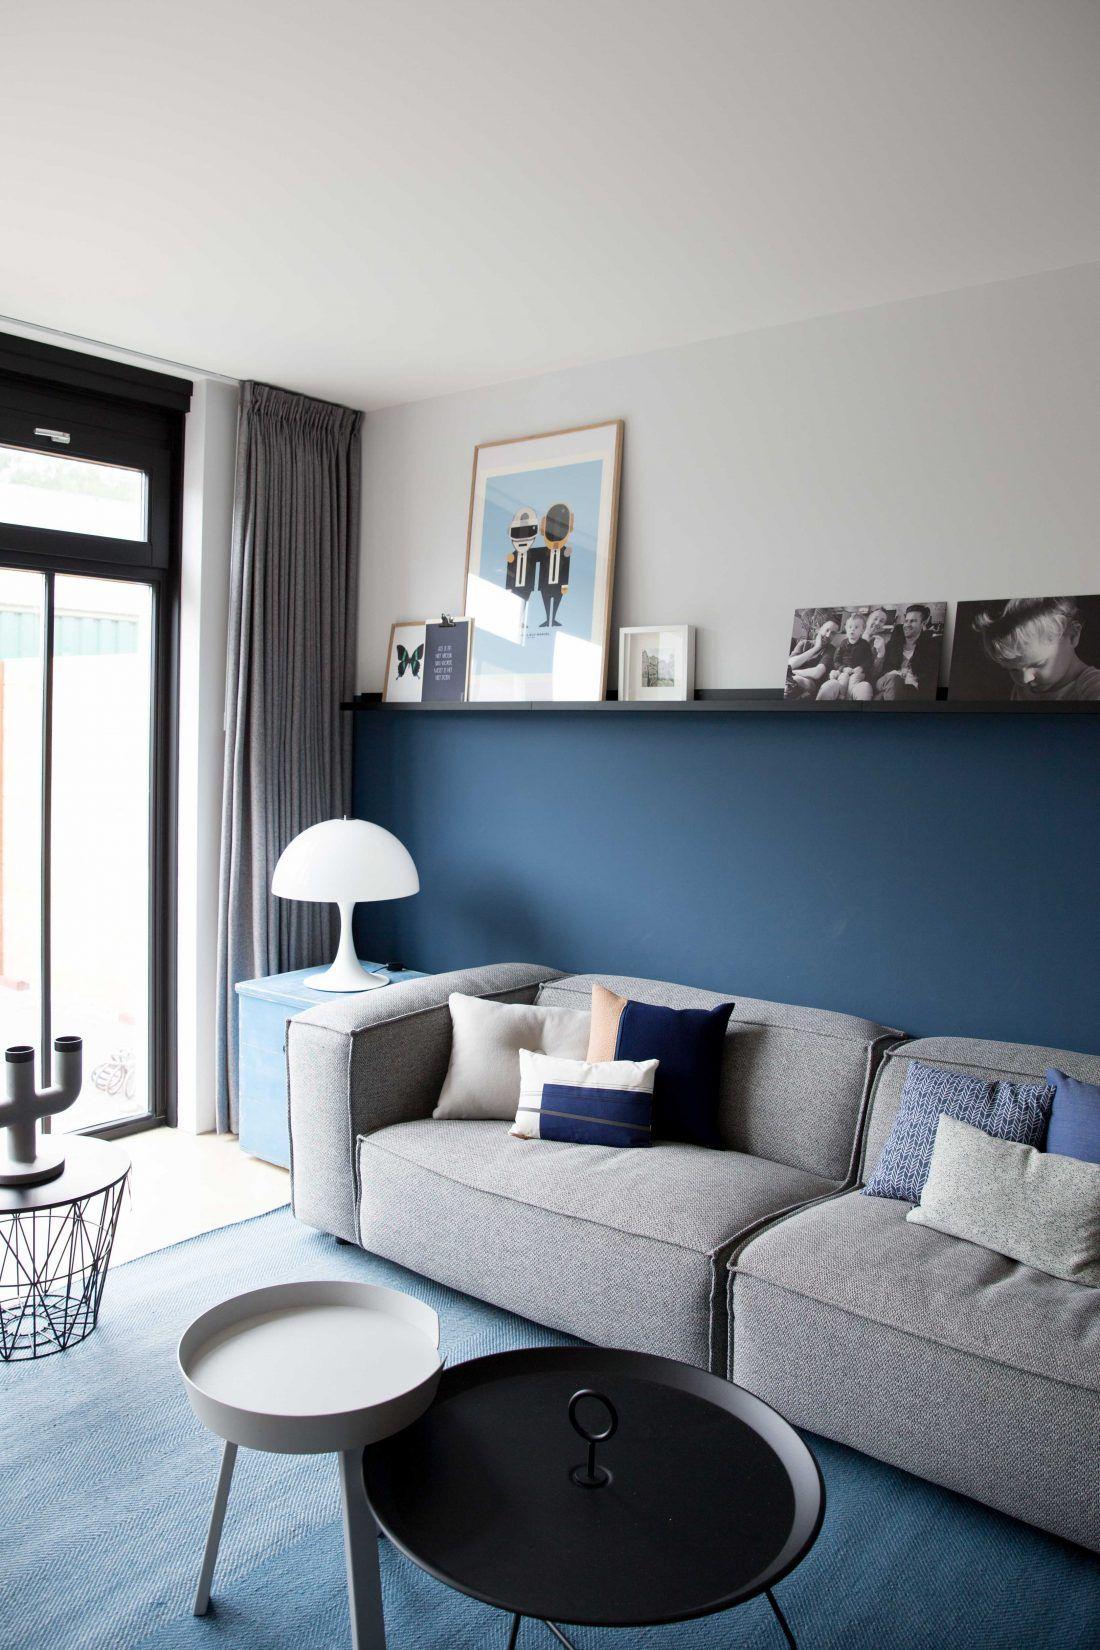 Femkeido Interior Design  Nieuwbouwproject Den Haag